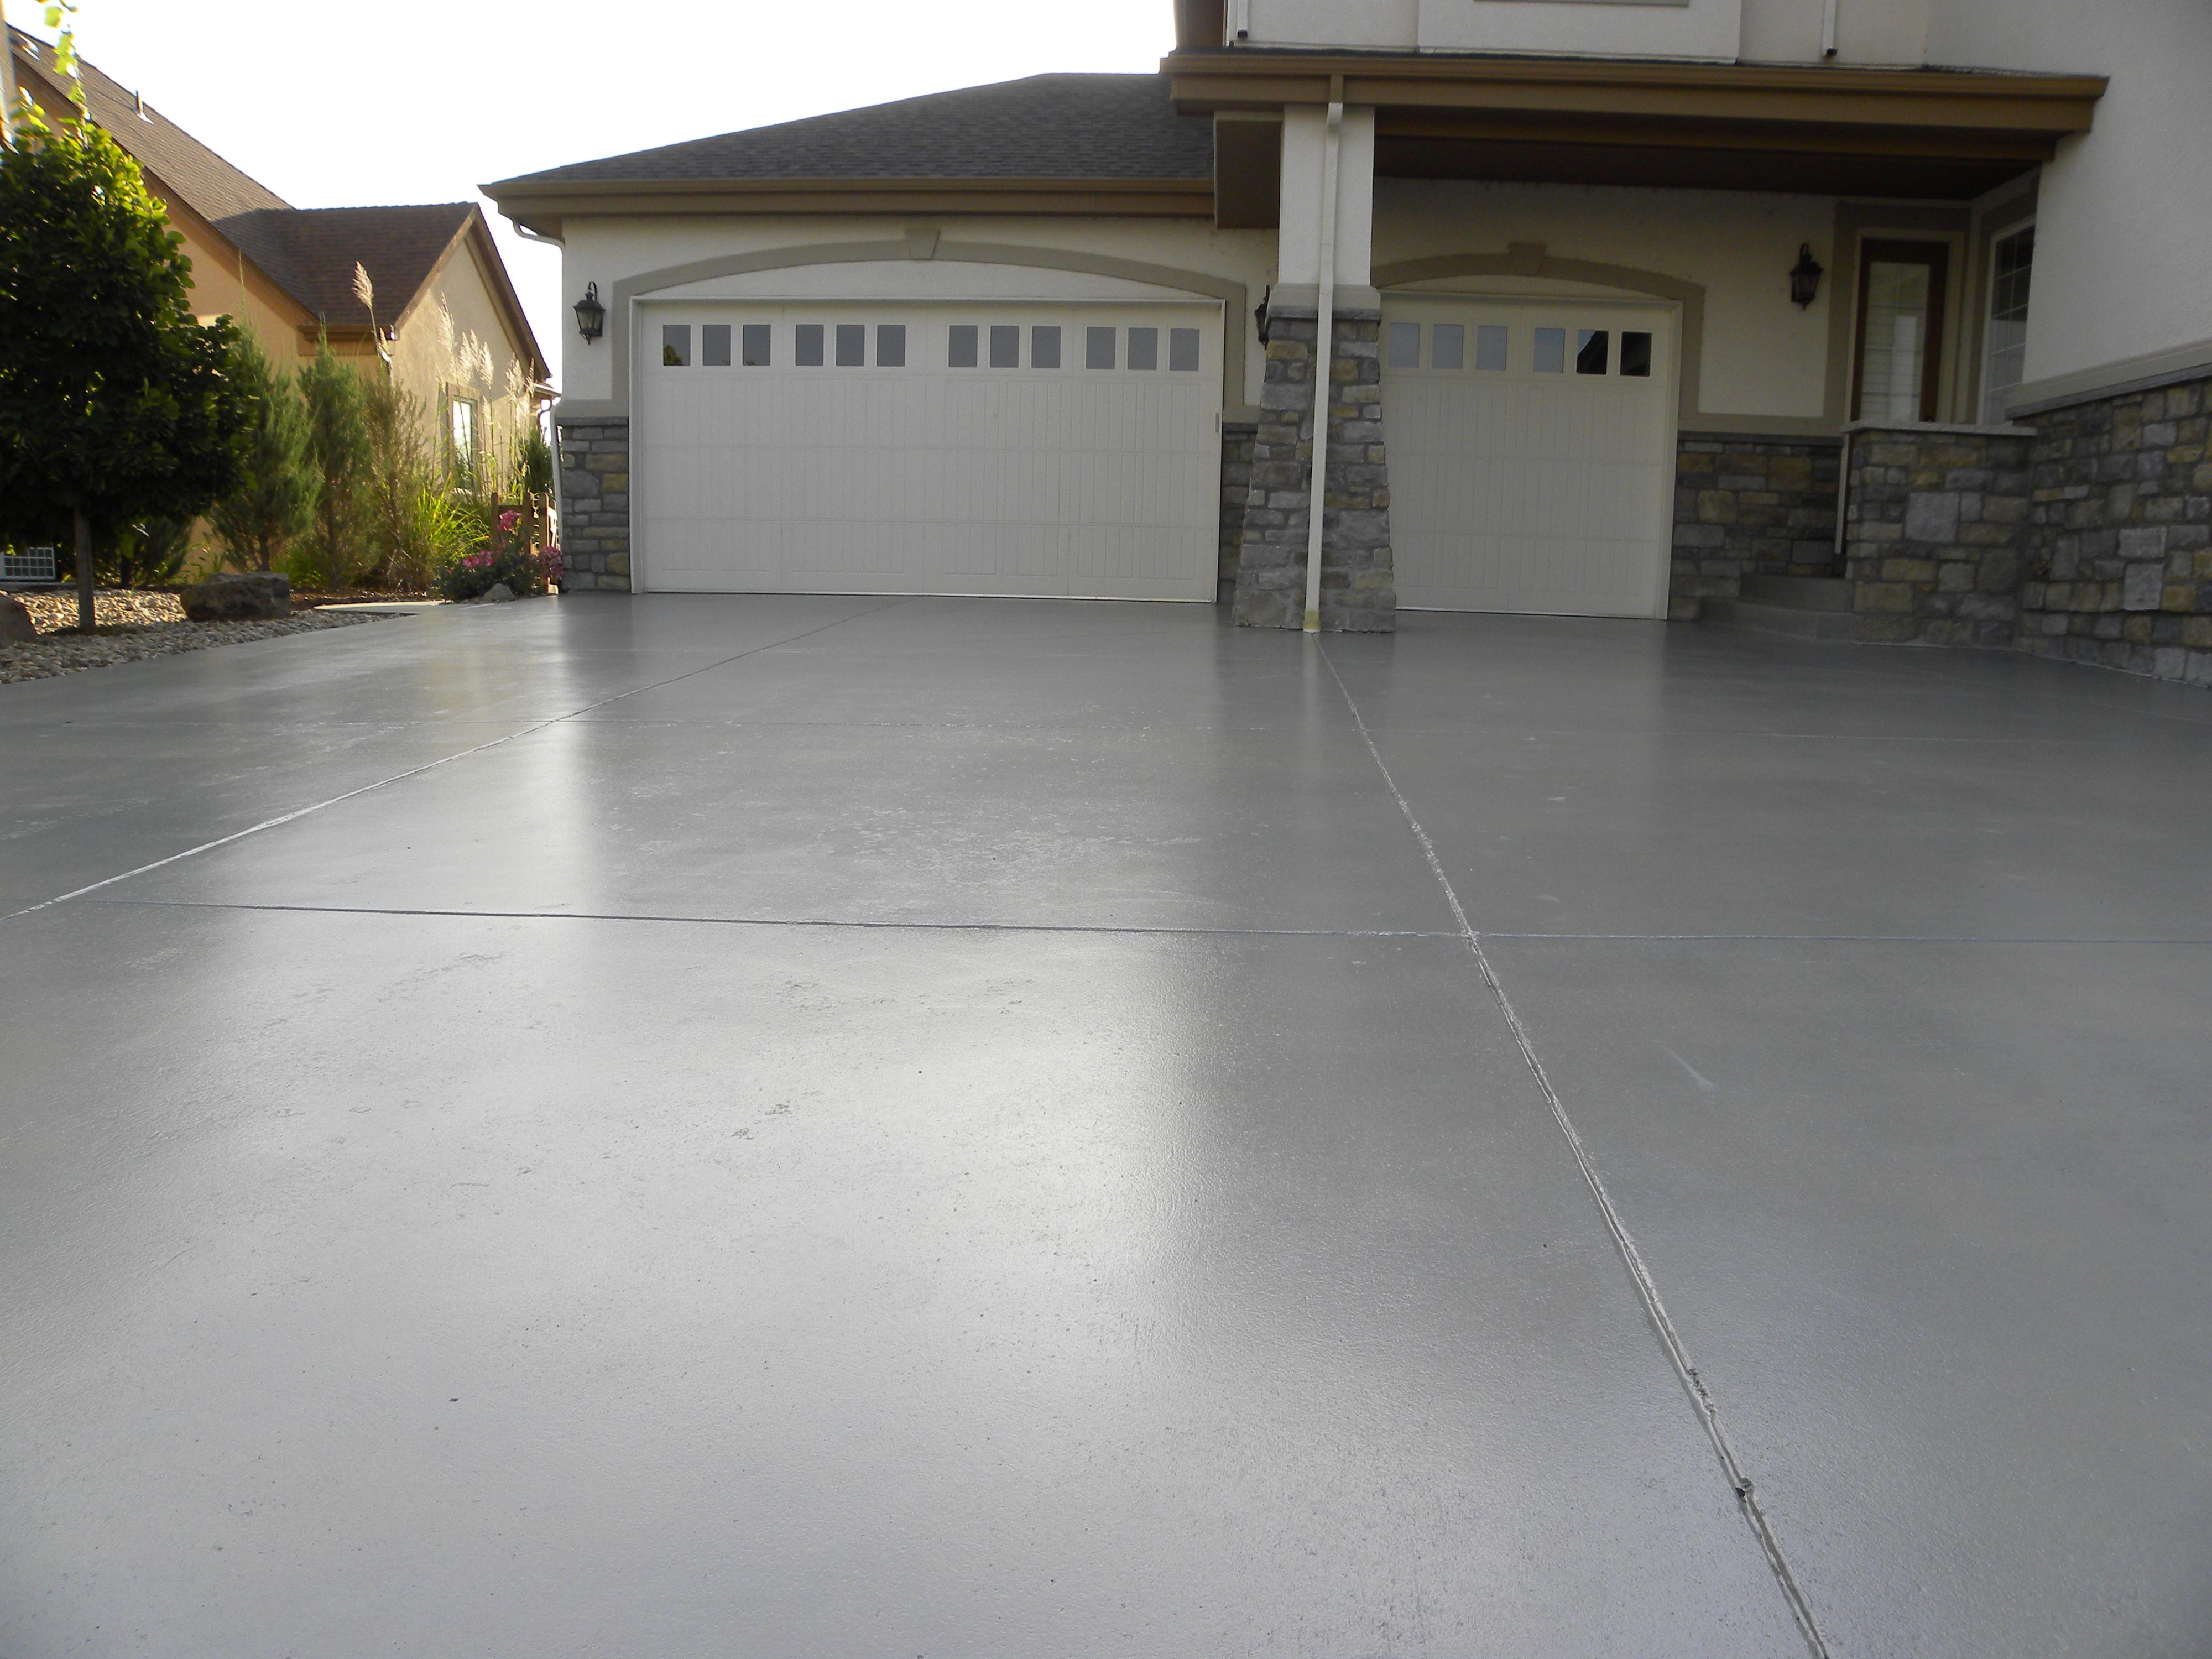 Outdoor Walkway With Garage Floor Coating